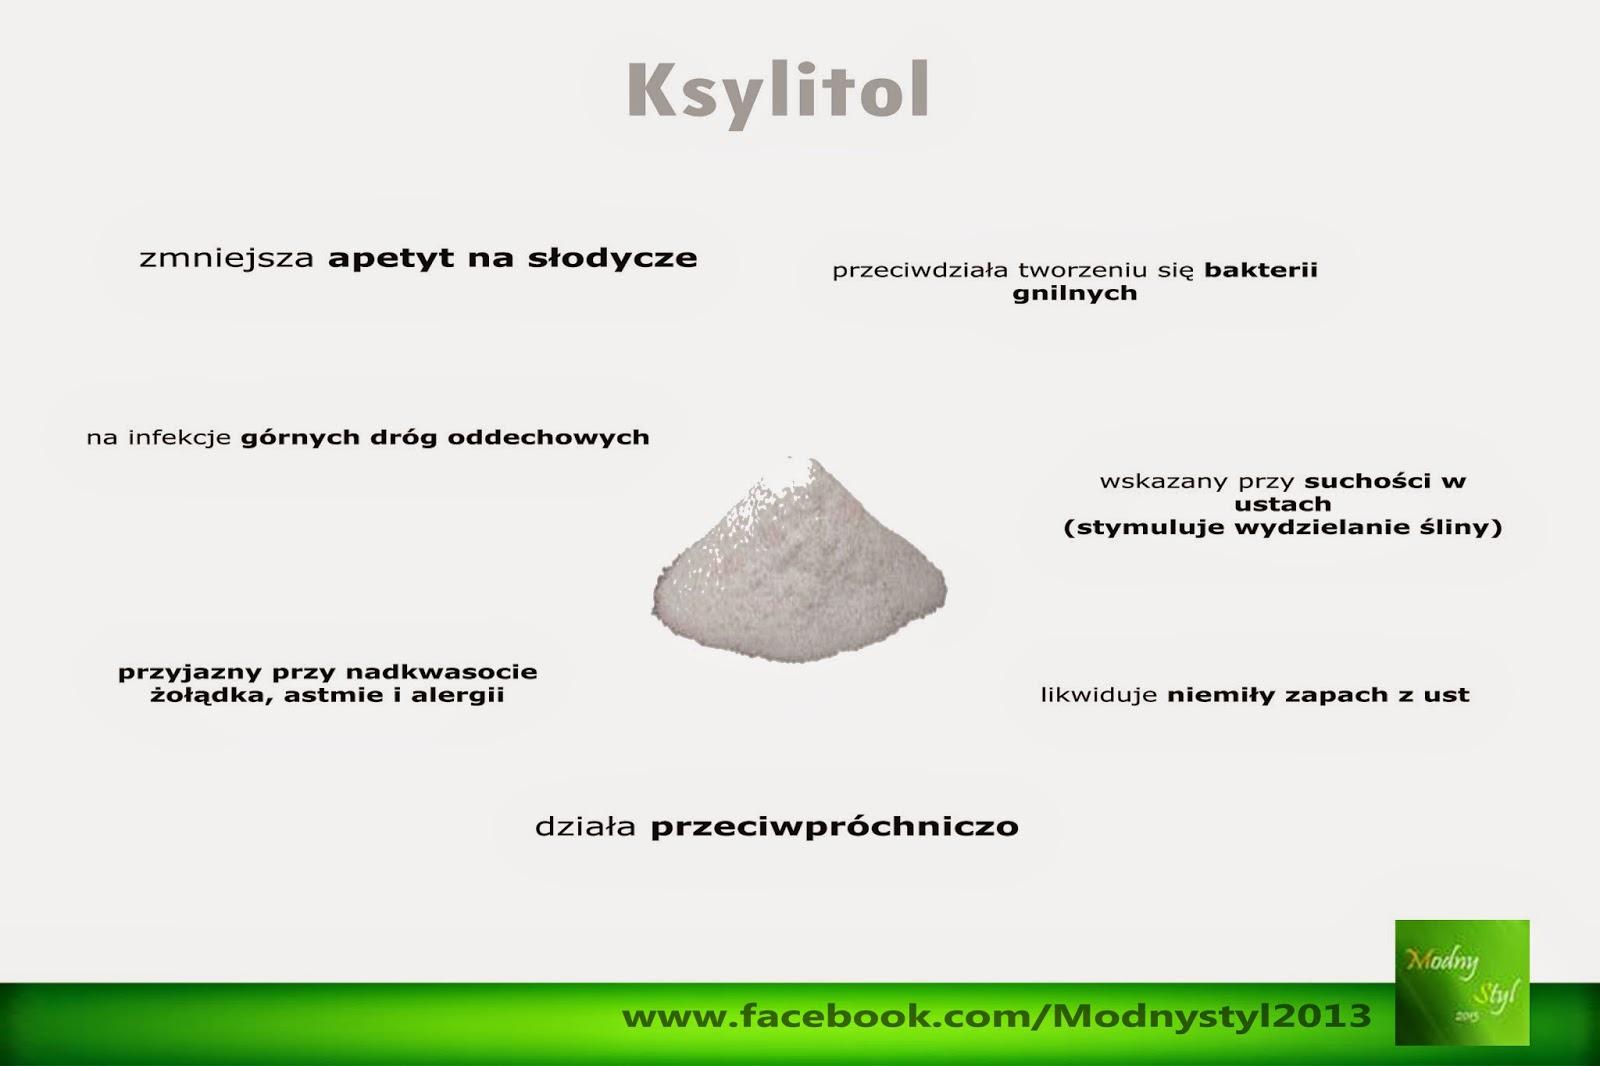 Ksylitol - cukier pochodzenia naturalnego pozyskiwany z brzozy